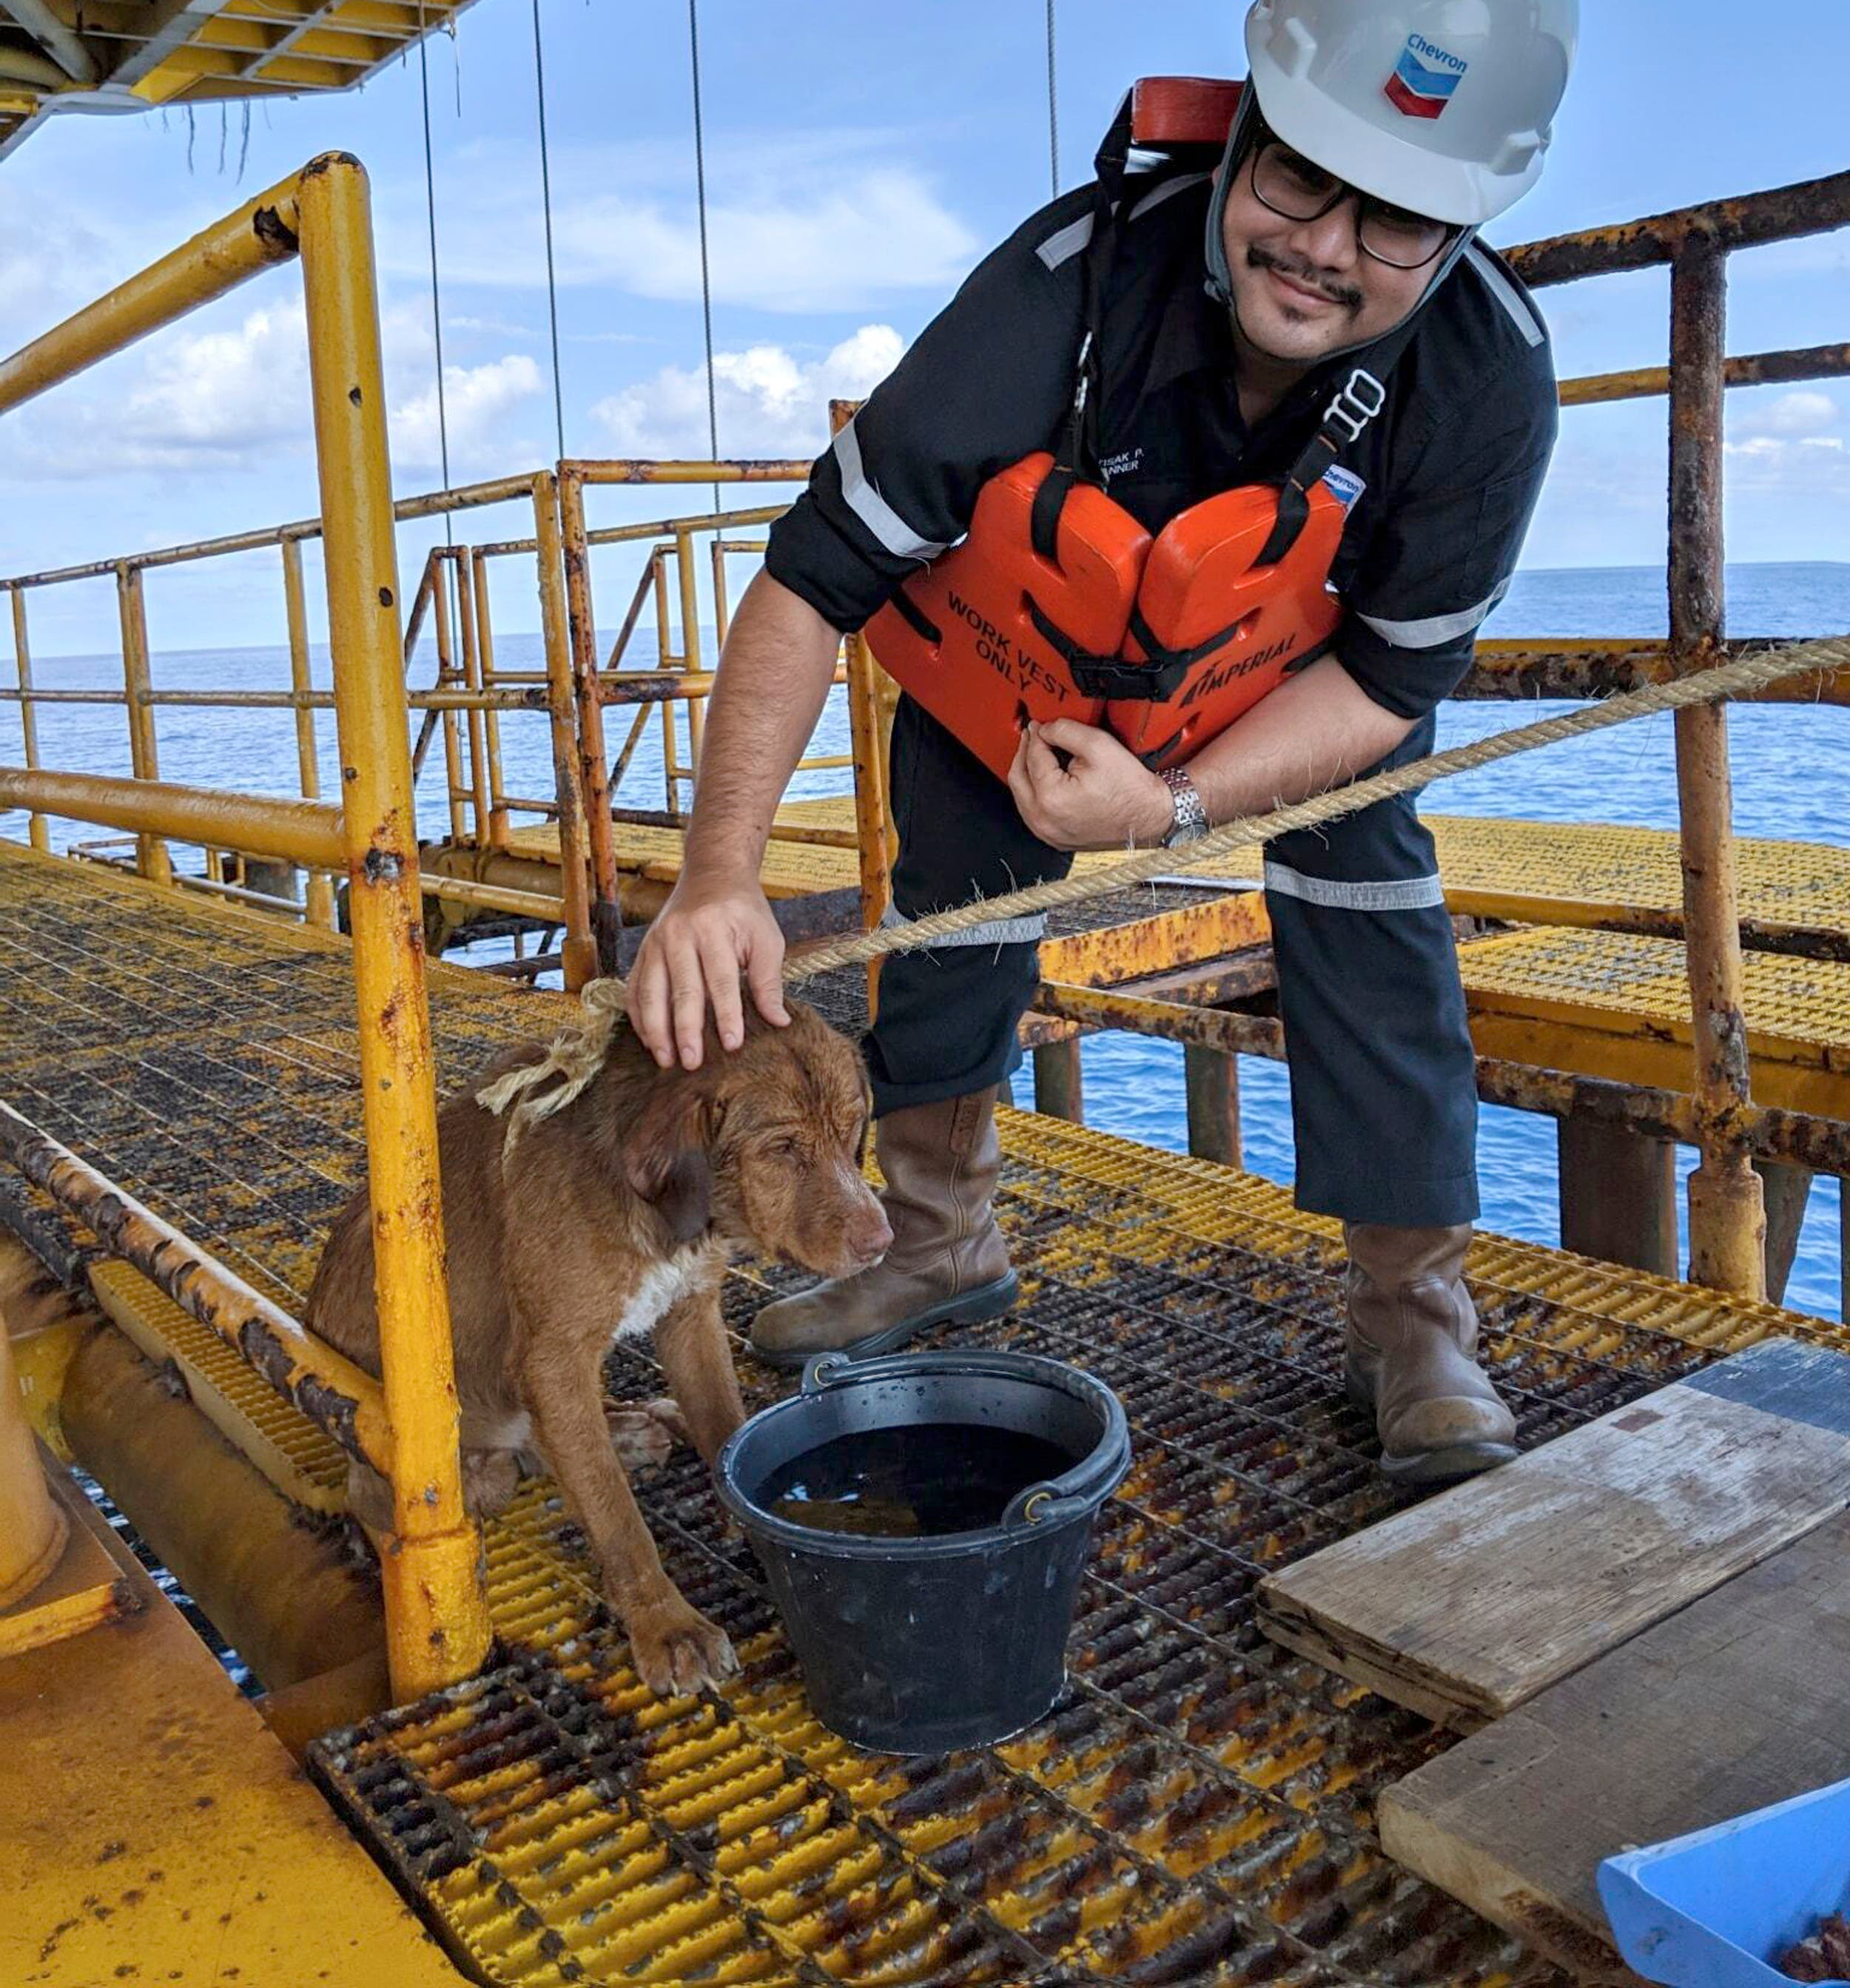 ¡Insólito! Perro nadó 220 kilómetros en costa en Tailandia